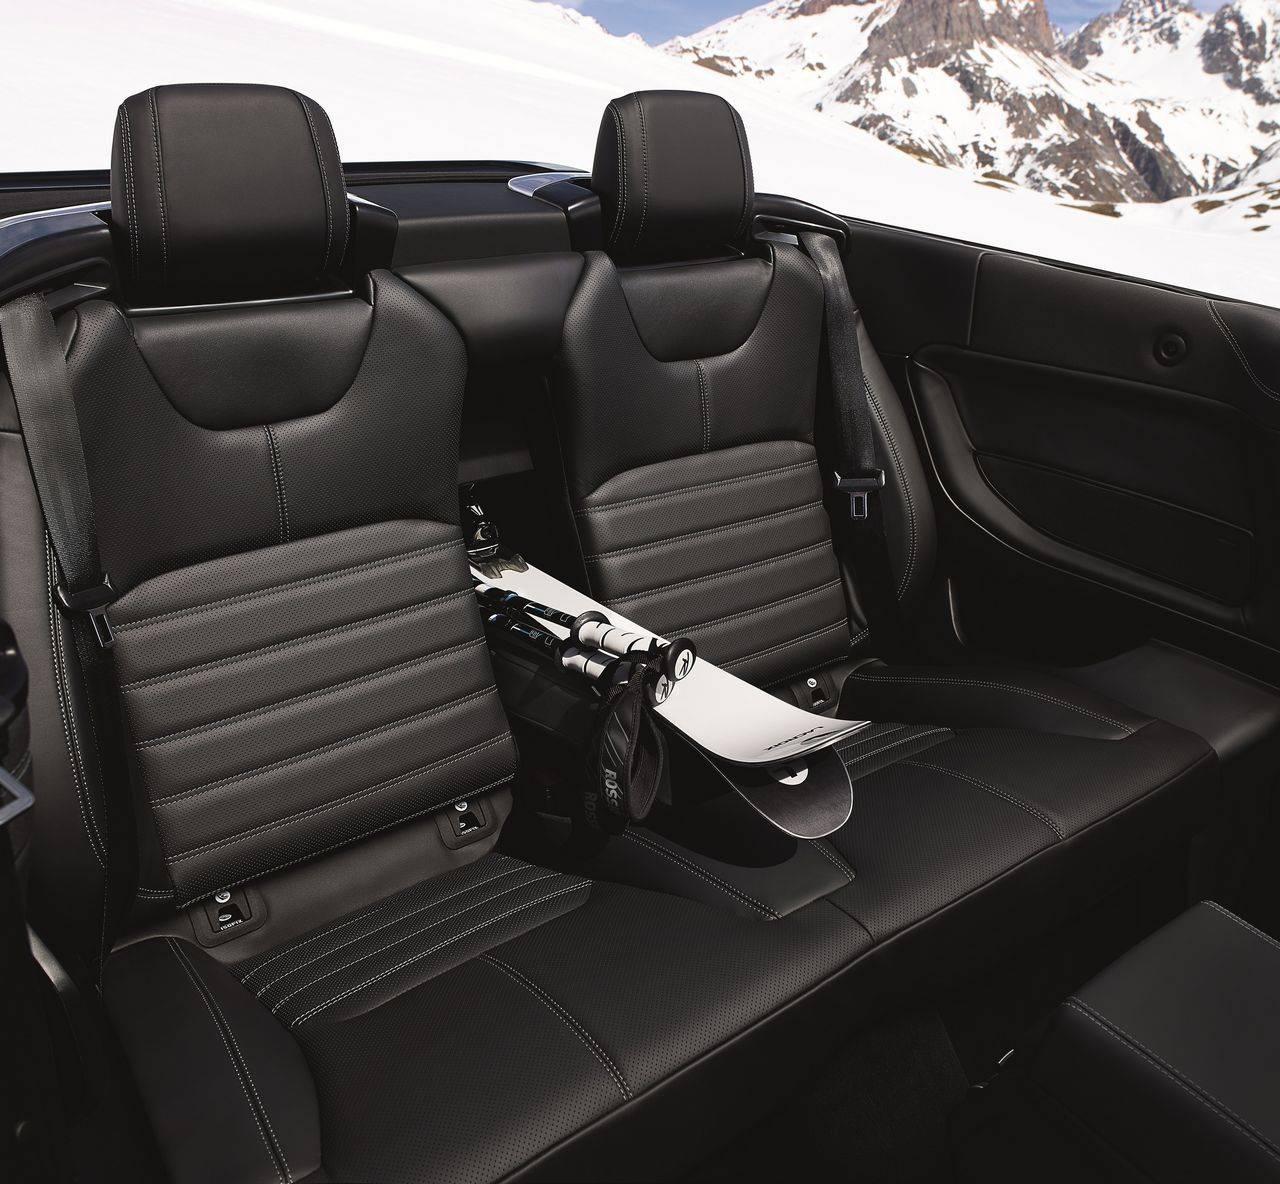 range-rover-evoque-cabriolet-2016-prezzo-price_0-100_13